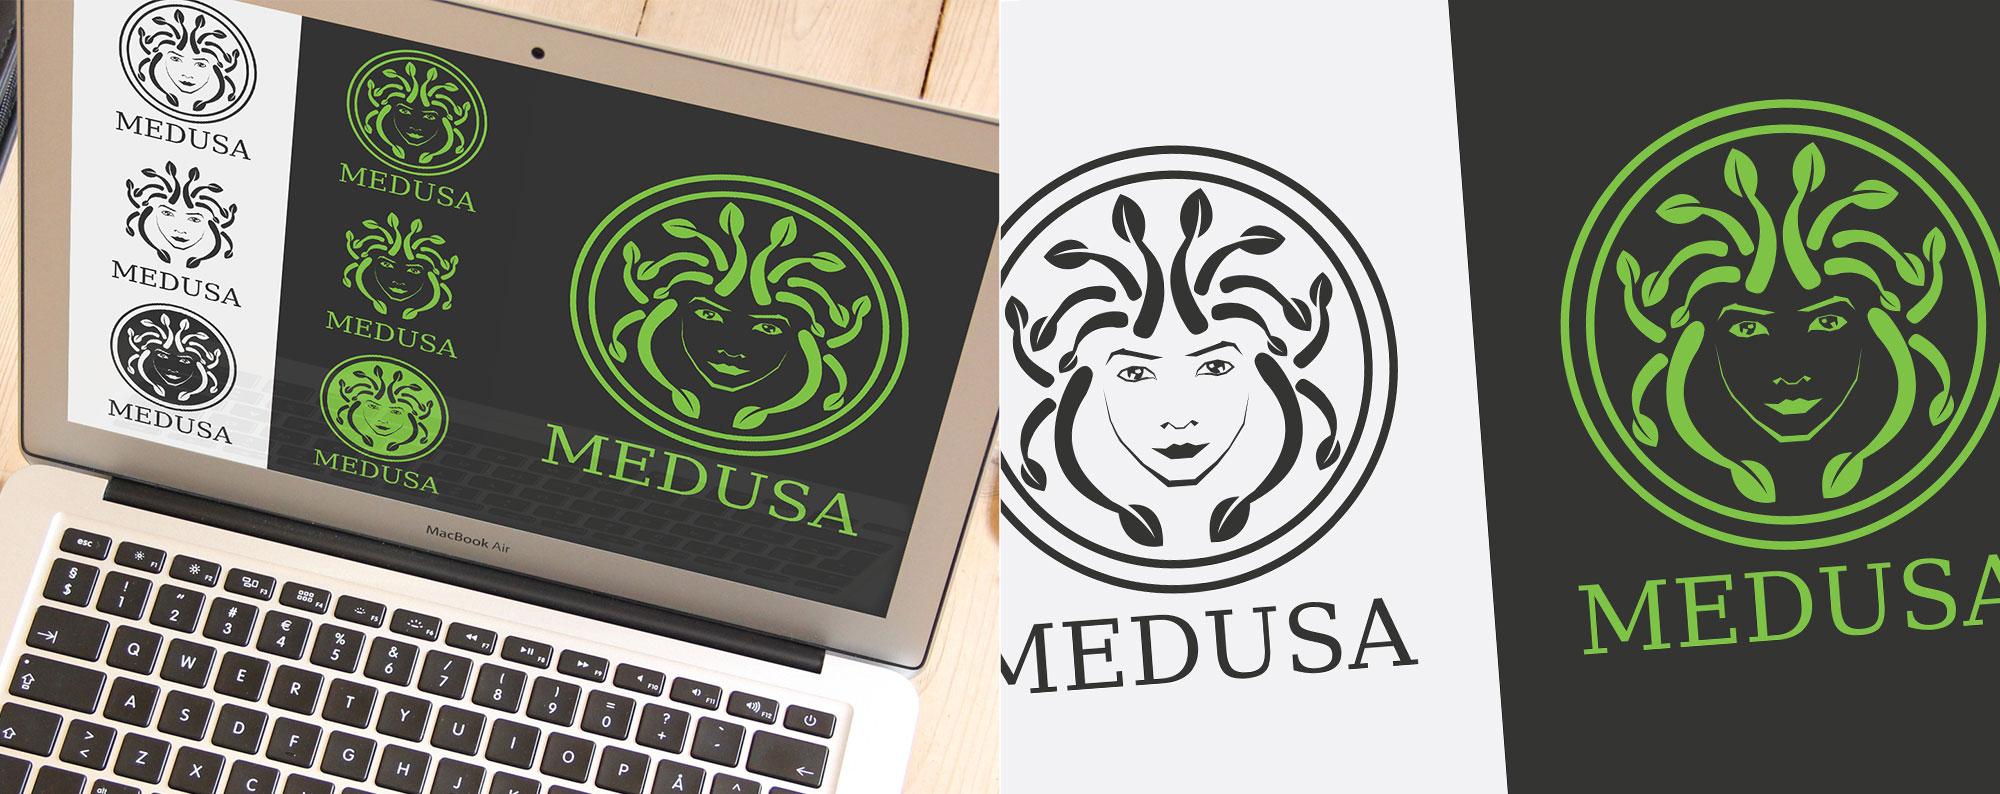 medusa-project-content-1